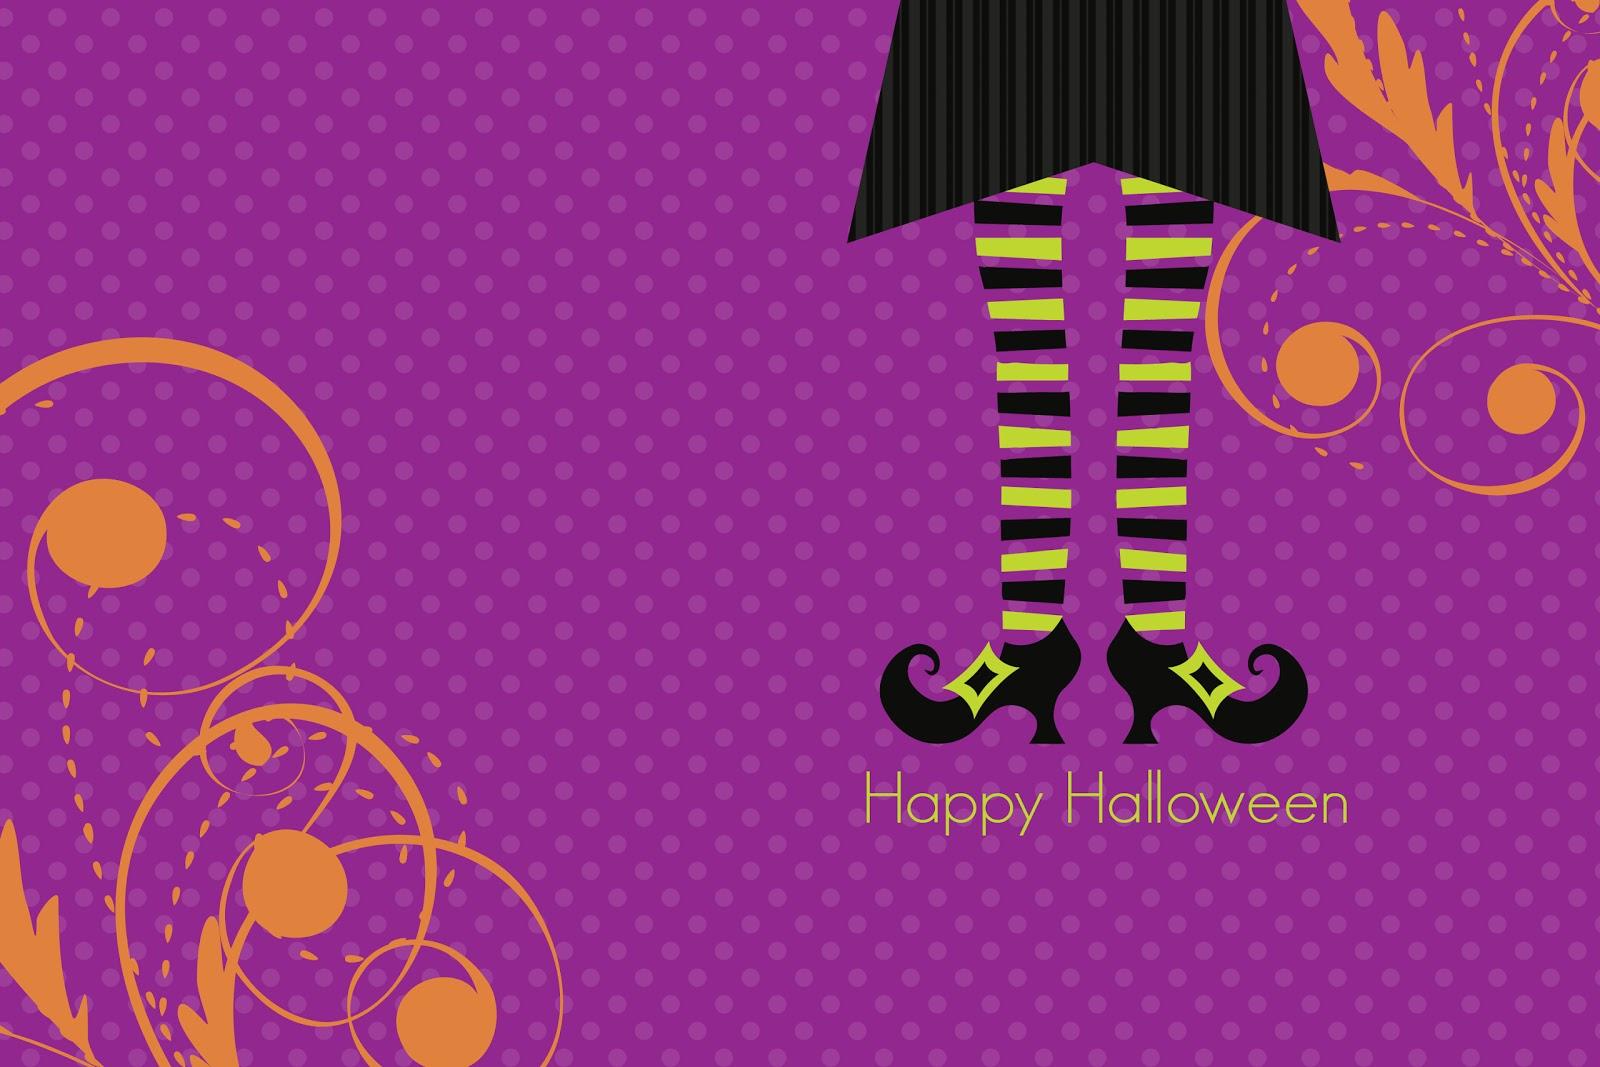 wallpapers halloween wallpapers tinkerbell halloween halloween 1600x1067